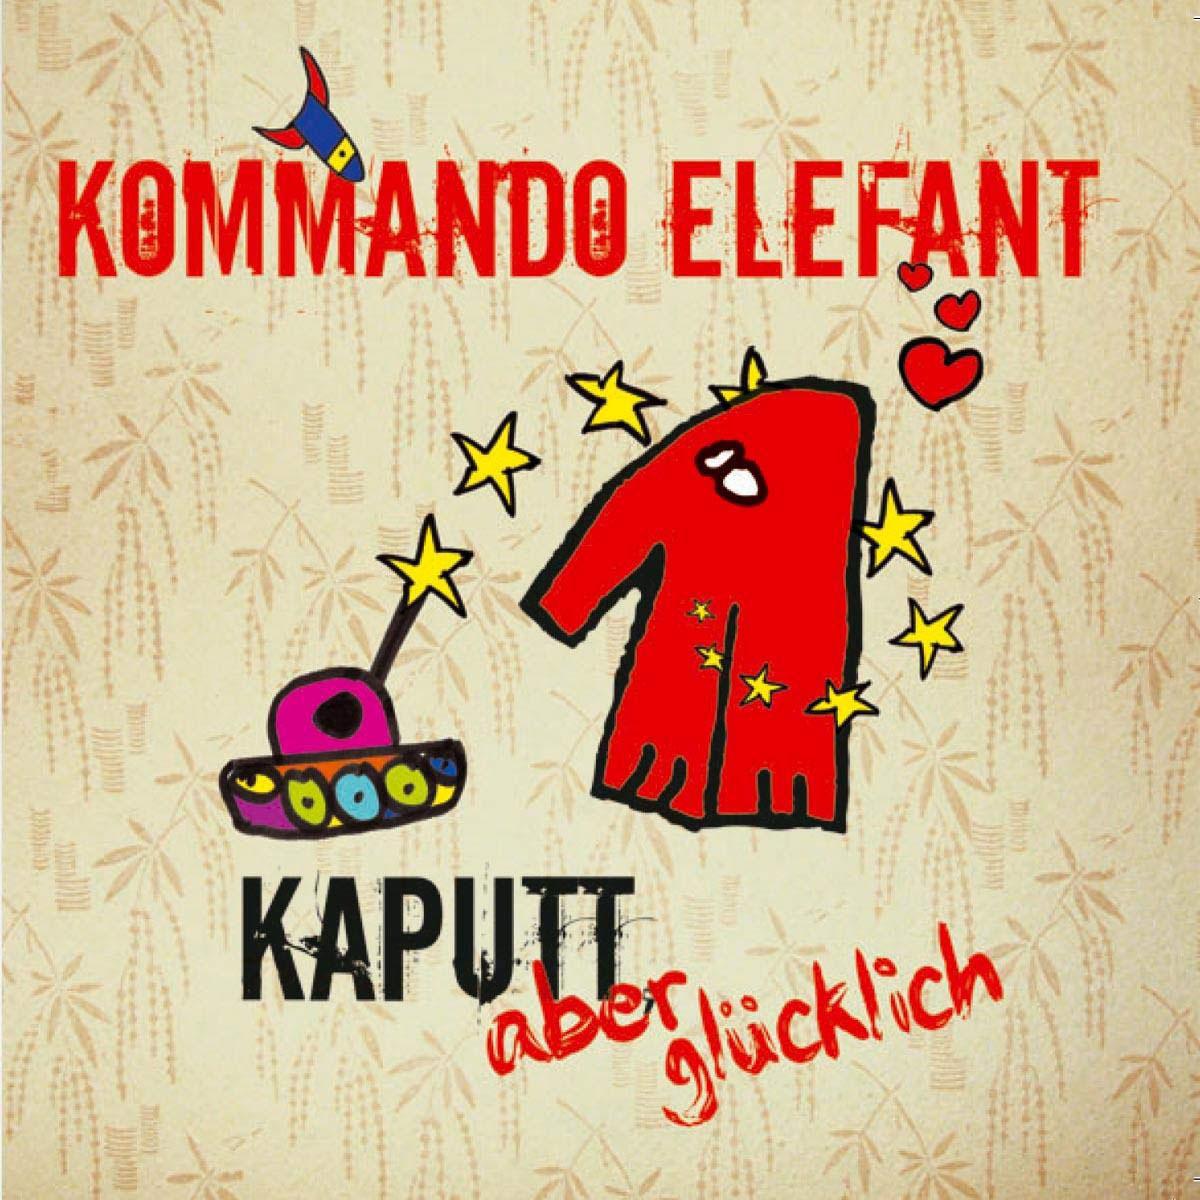 Kommando Elefant - Kaputt aber glücklich